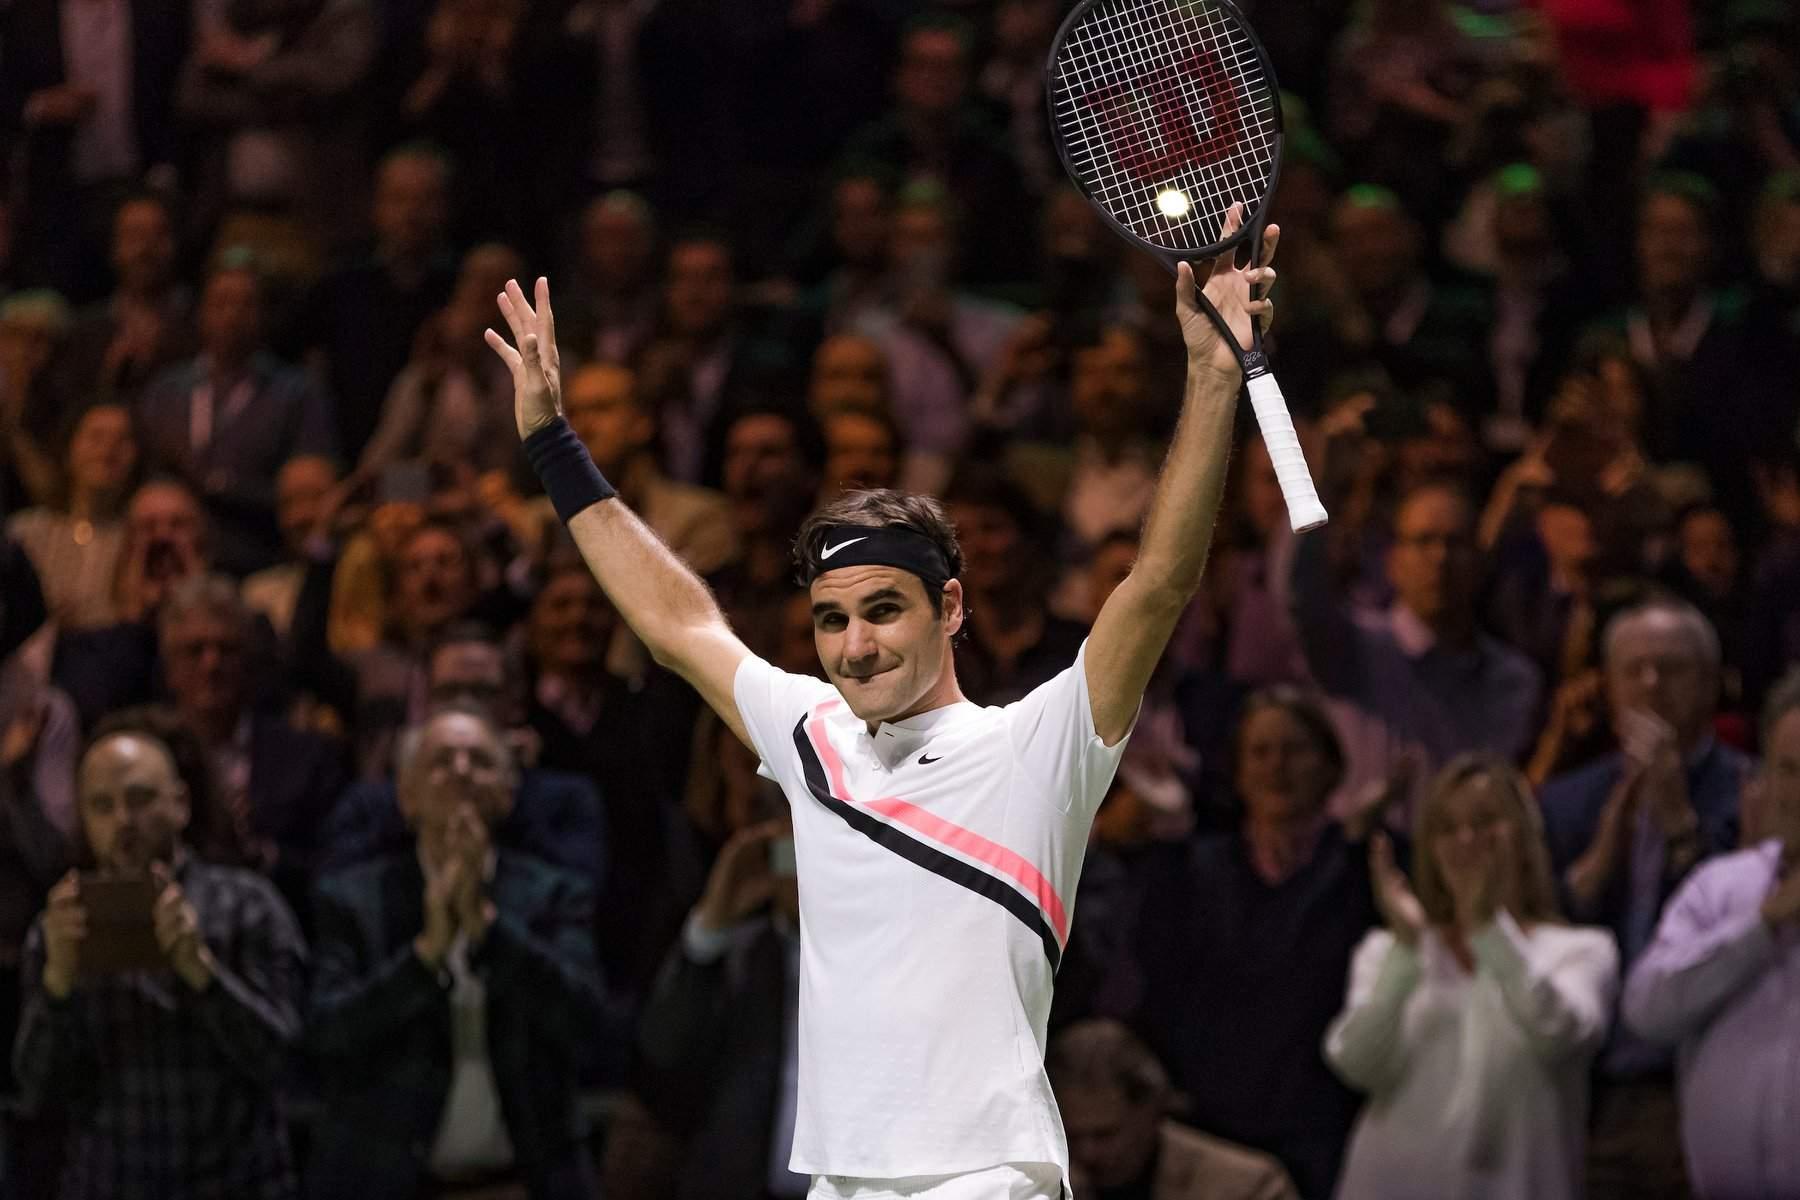 Роджер Федерер возглавил мировой рейтинг